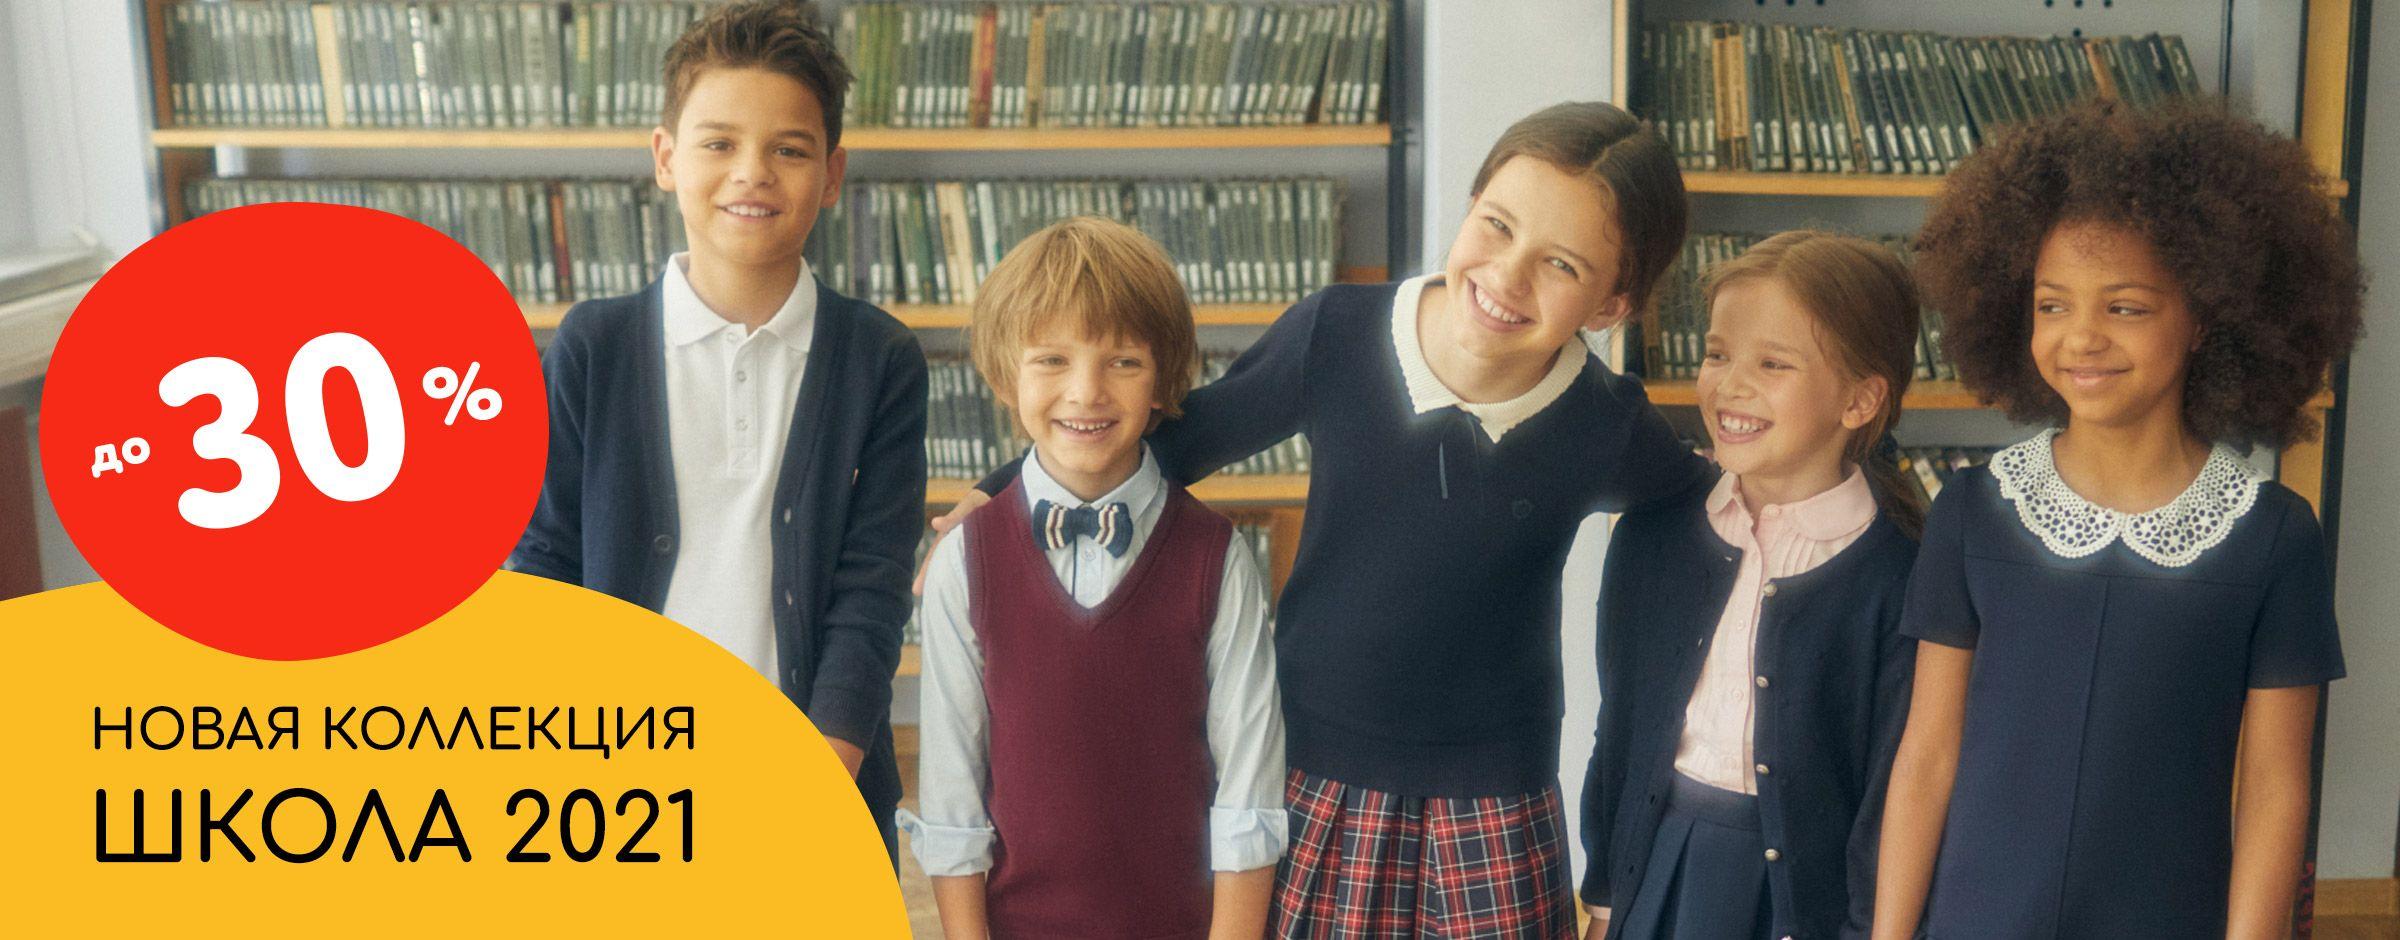 Школа 2021 ОиО